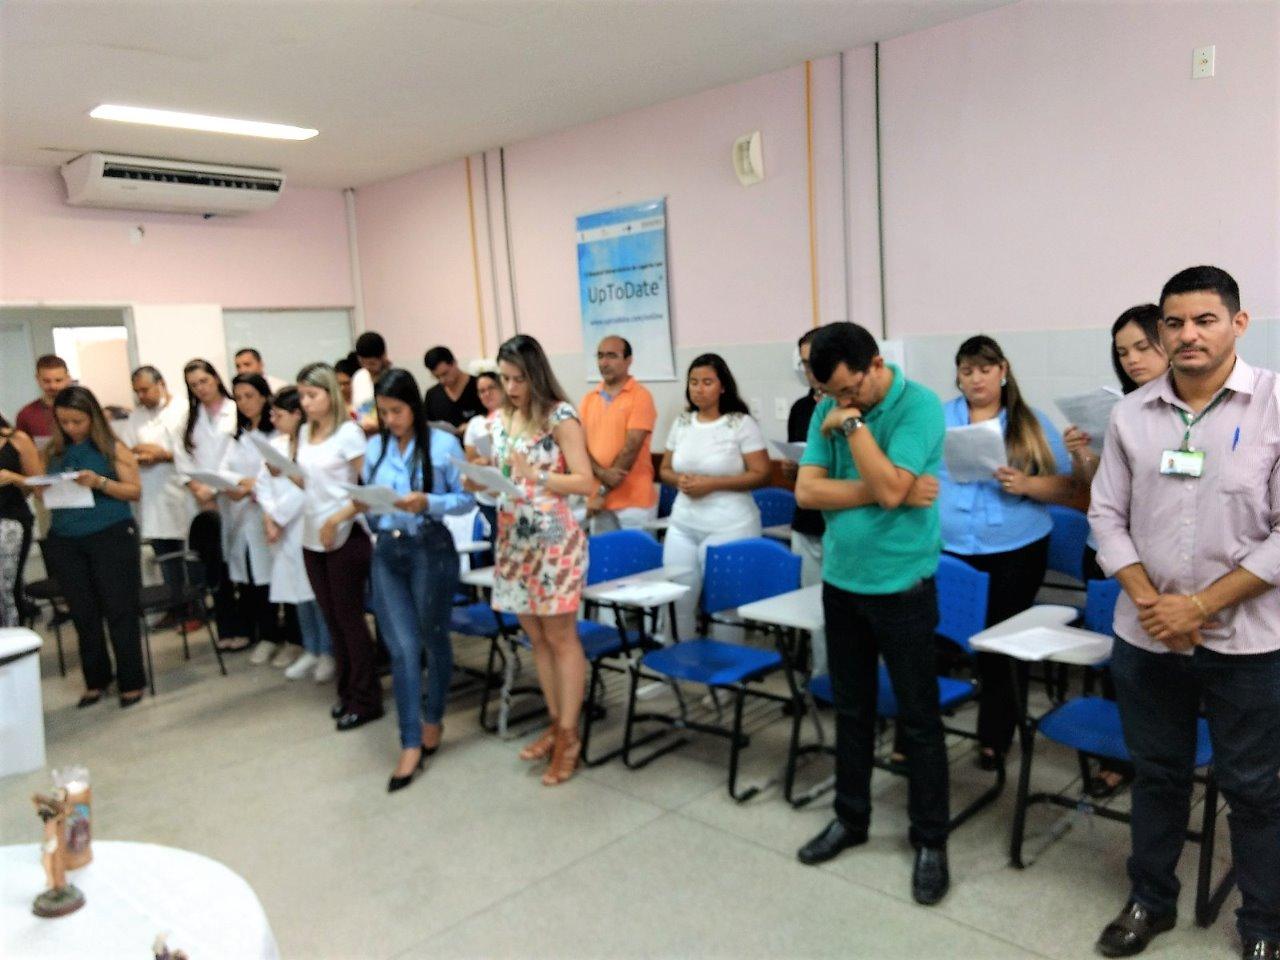 A celebração, realizada na sala de aula do HUL, contou com a participação de funcionários, usuários e acompanhantes da unidade hospitalar